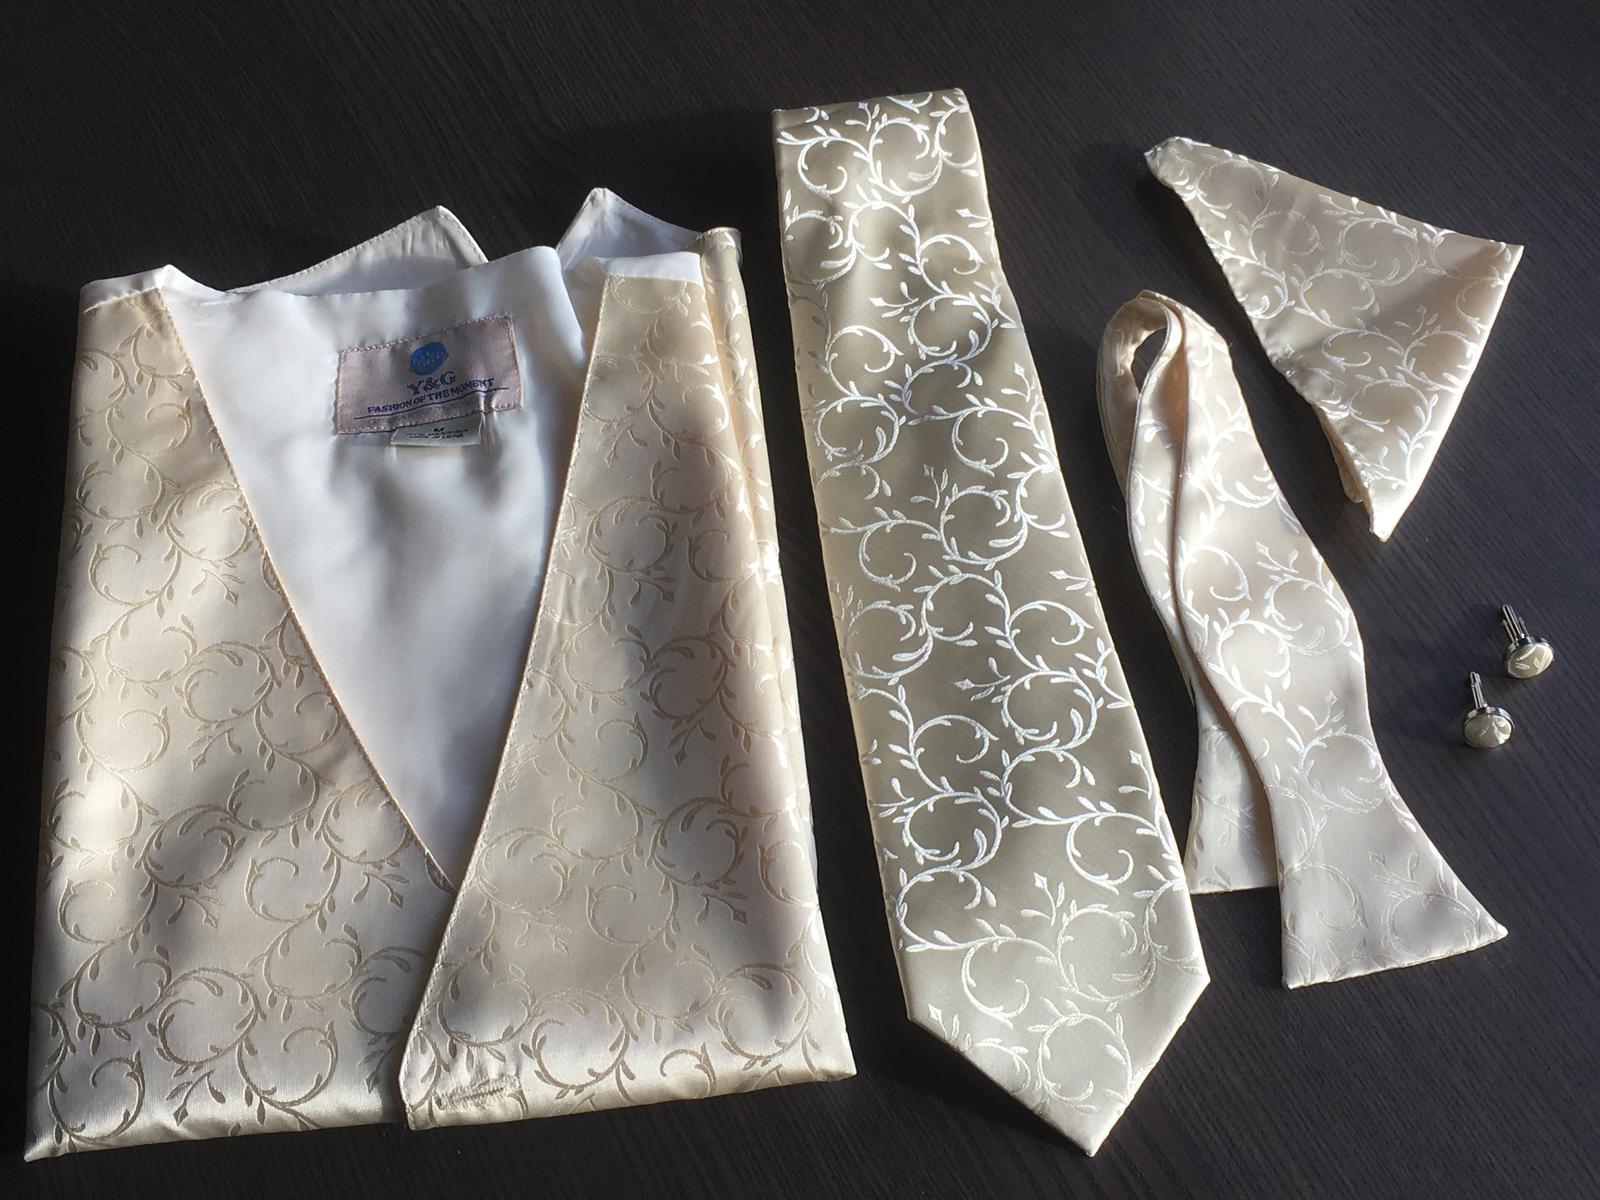 Svadobná vesta s kravatou/motýlikom, vreckovkou a manžetami - Obrázok č. 2